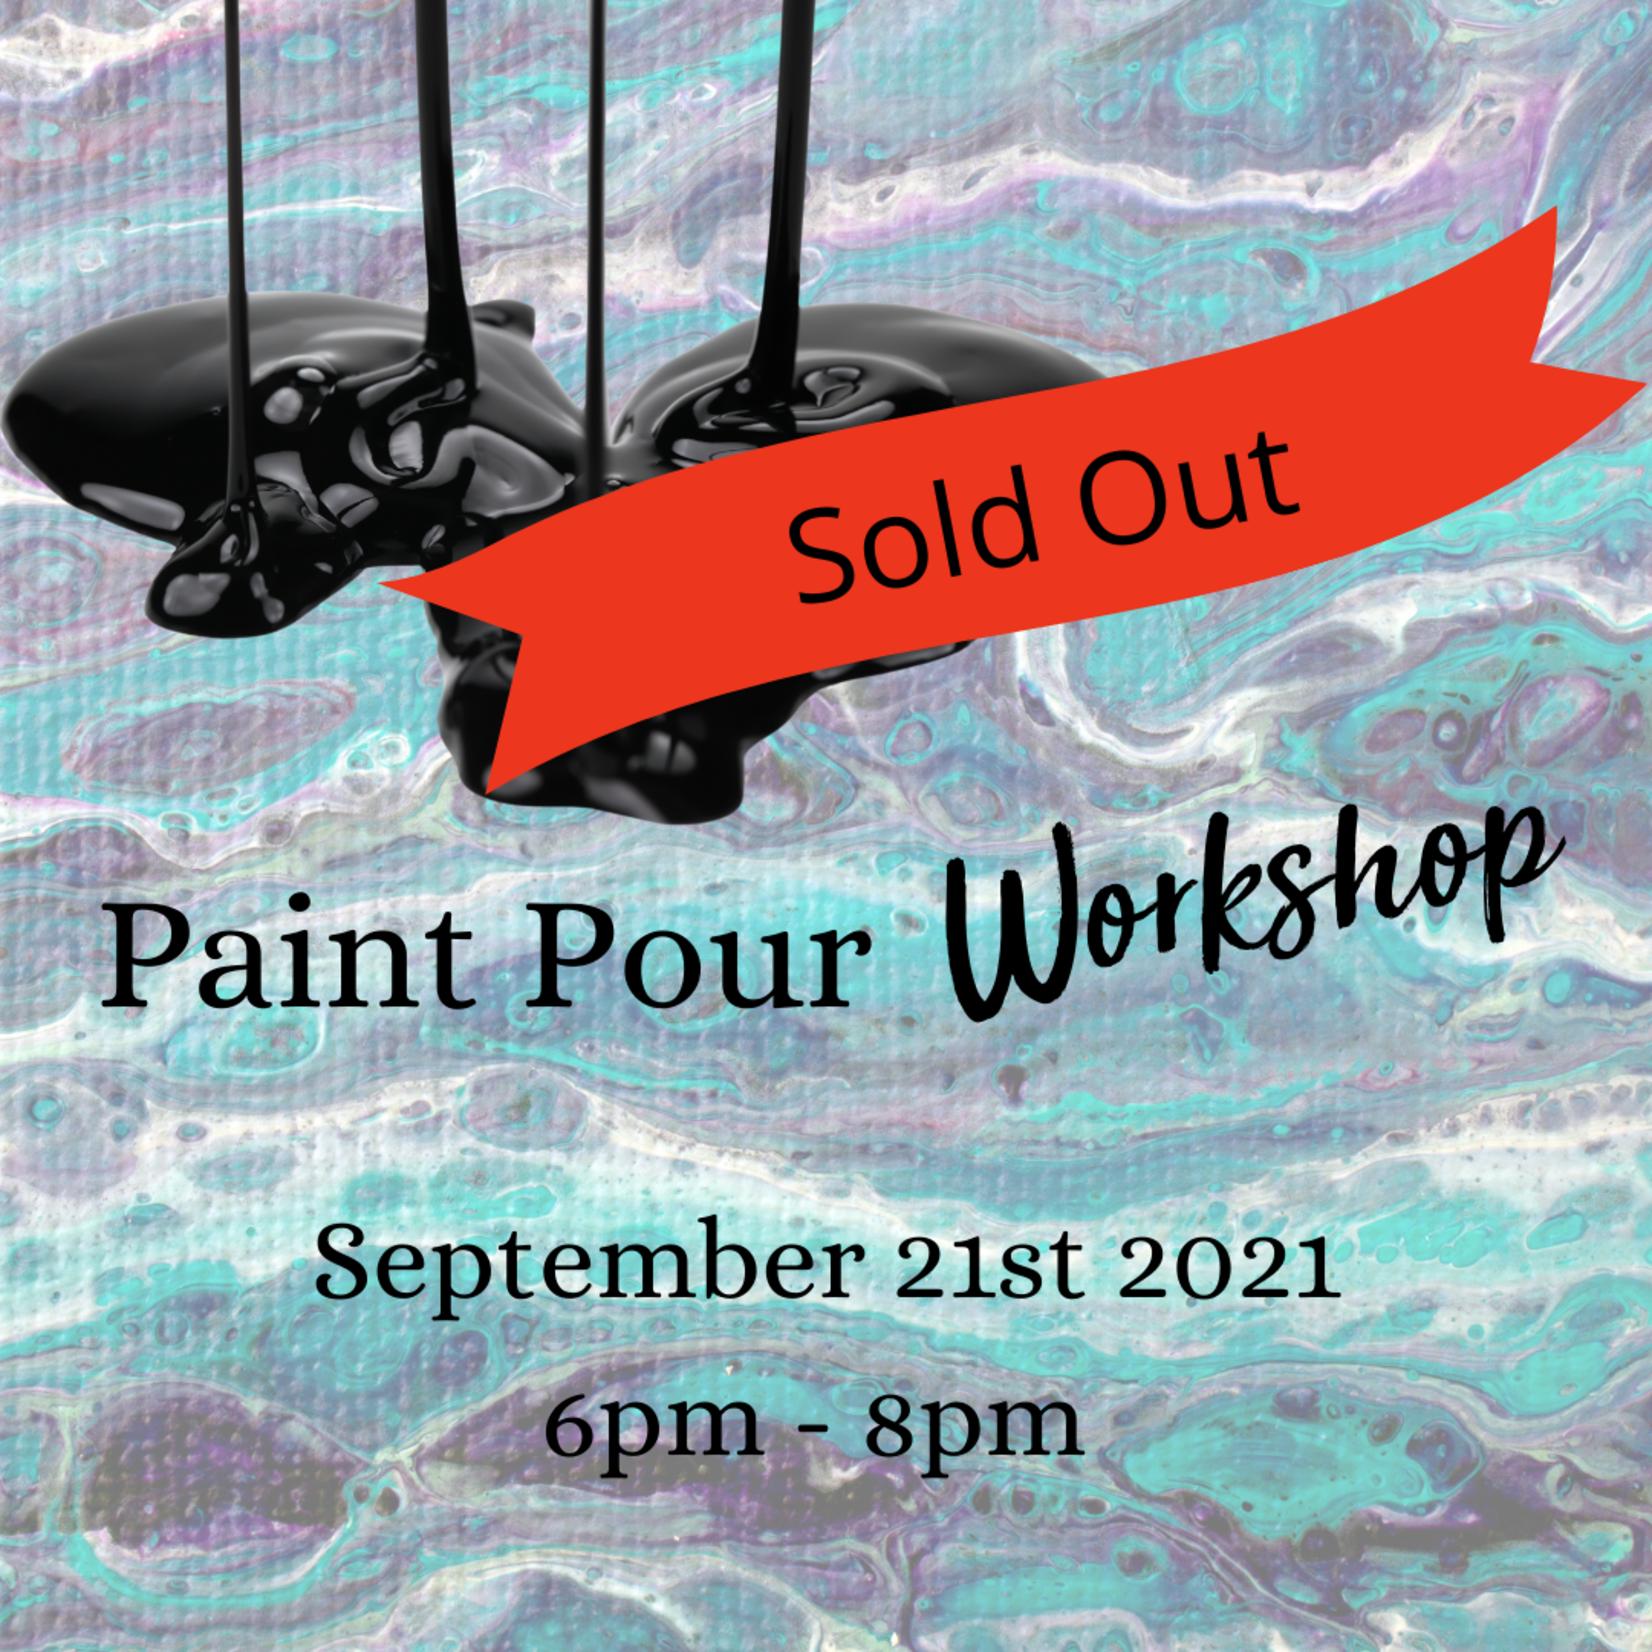 Paint Pour Workshop - SOLD OUT